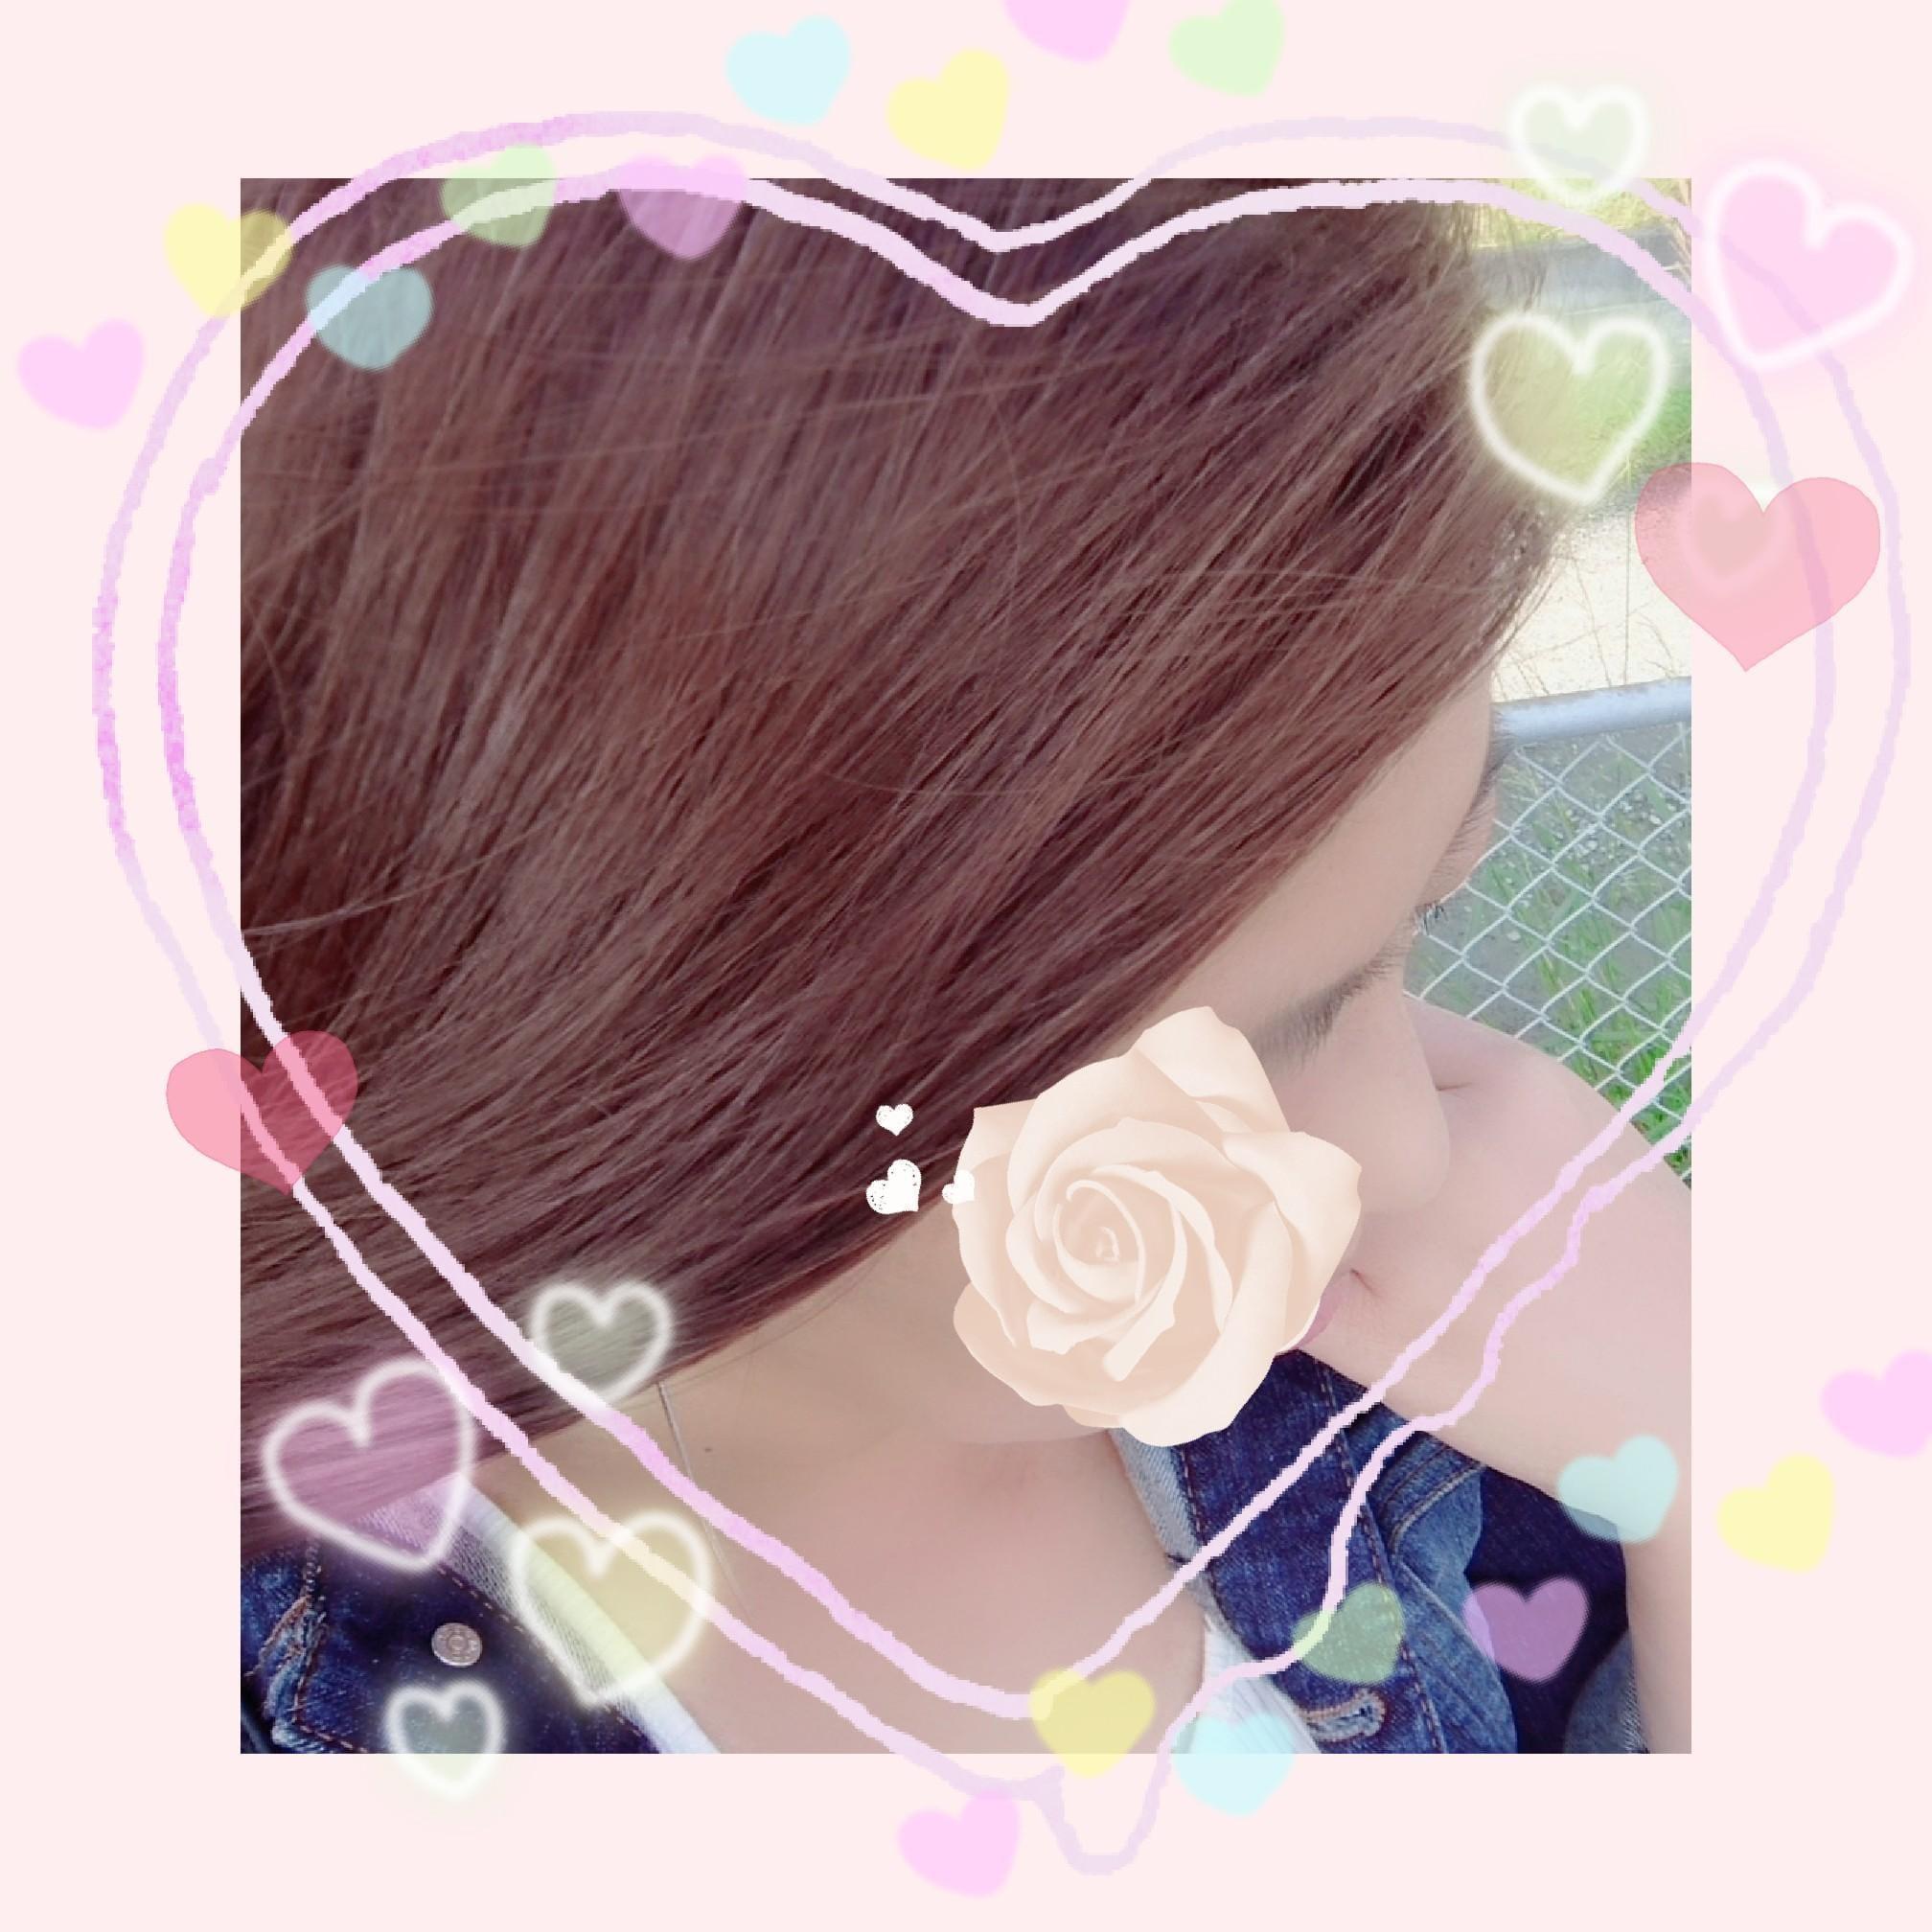 「○○プレイの…」11/07(水) 15:48   なつみの写メ・風俗動画